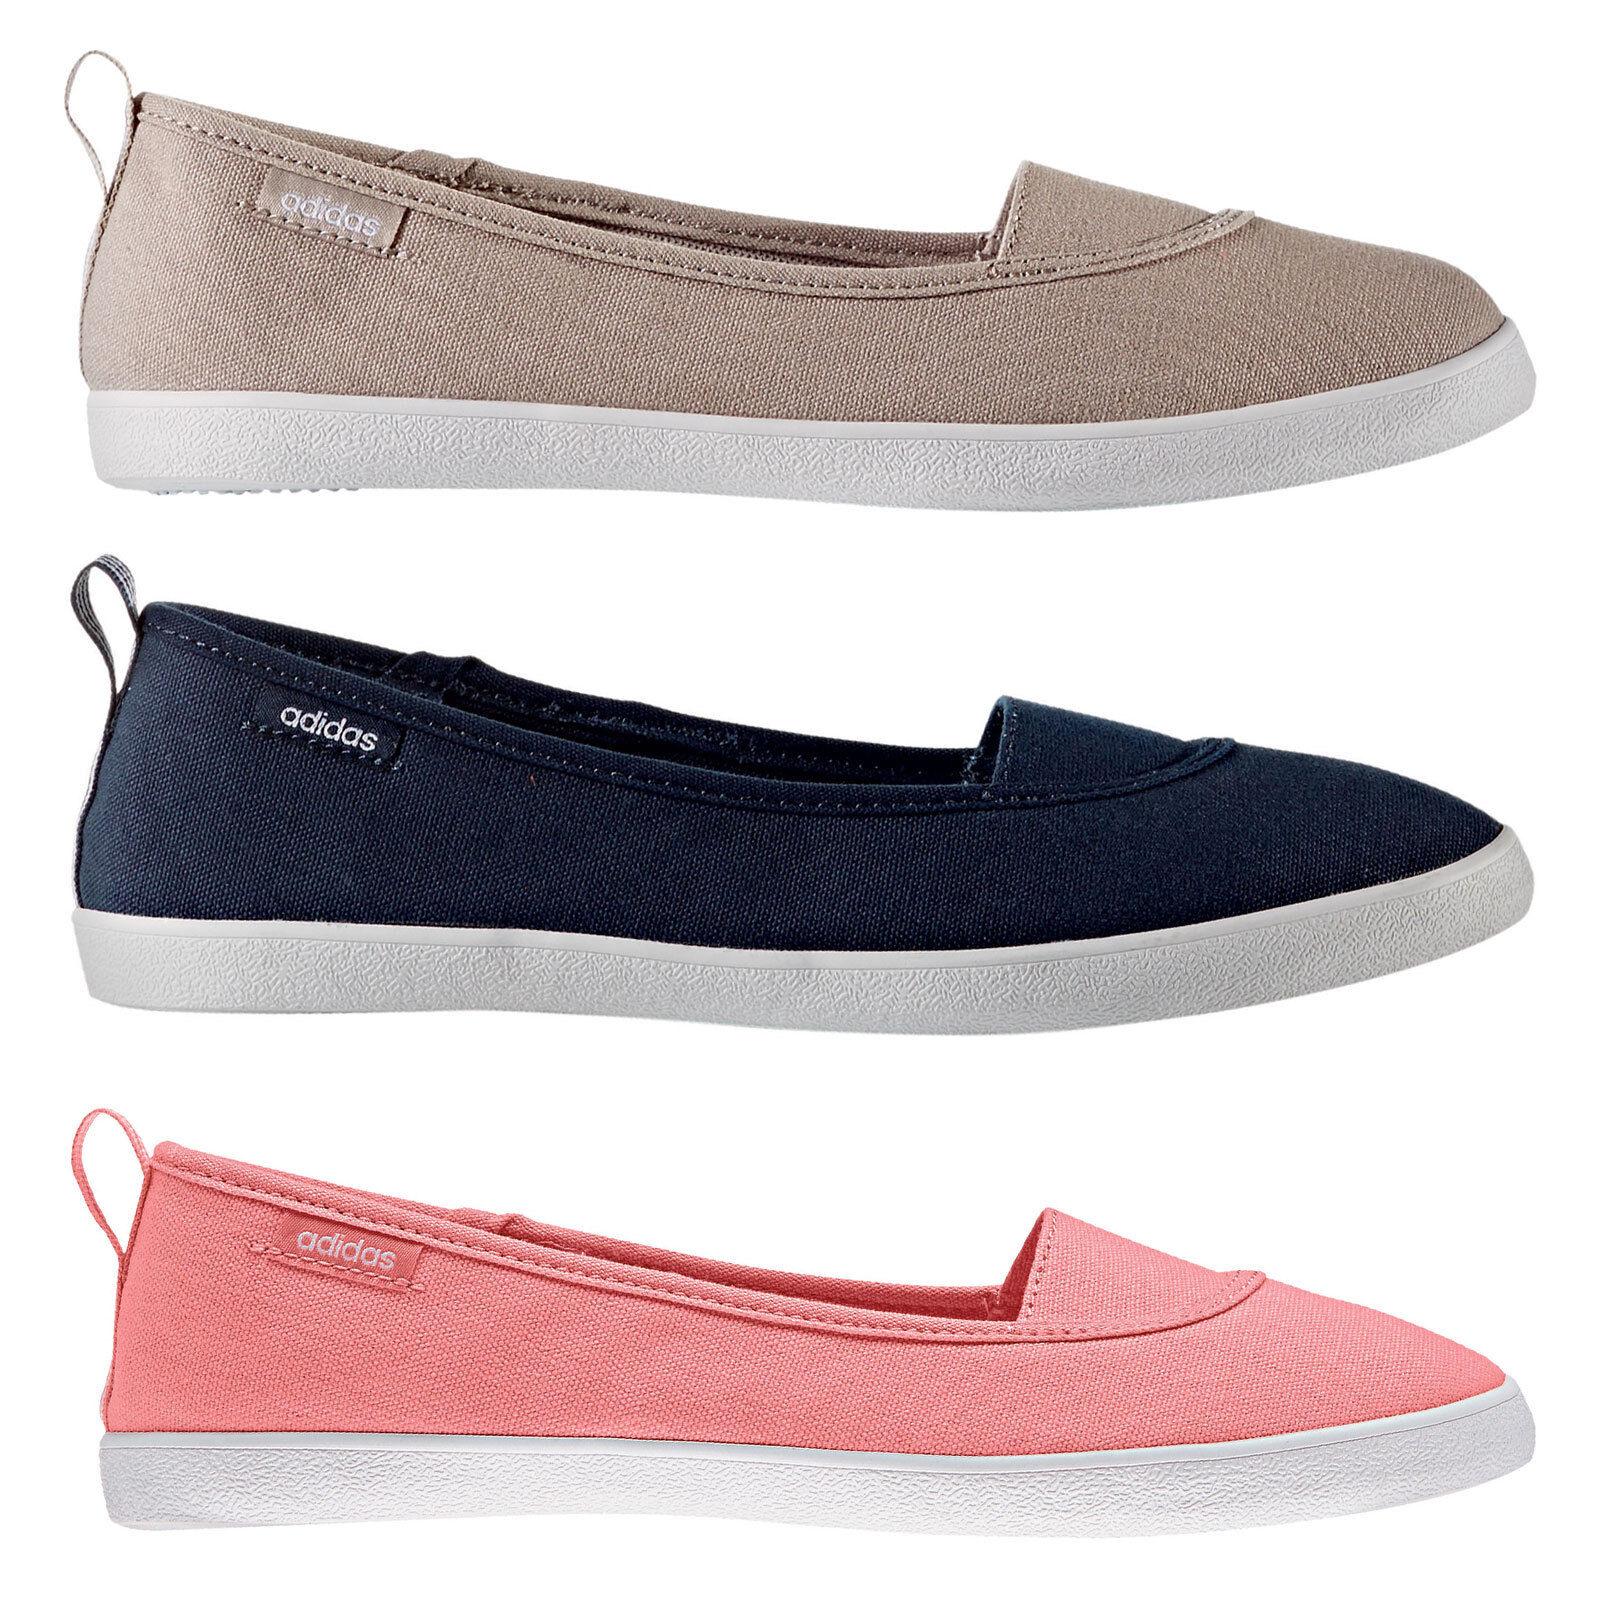 Adidas Neo Cloudfoam QT Vulc comme chaussures de baskets pour femmes Ballet